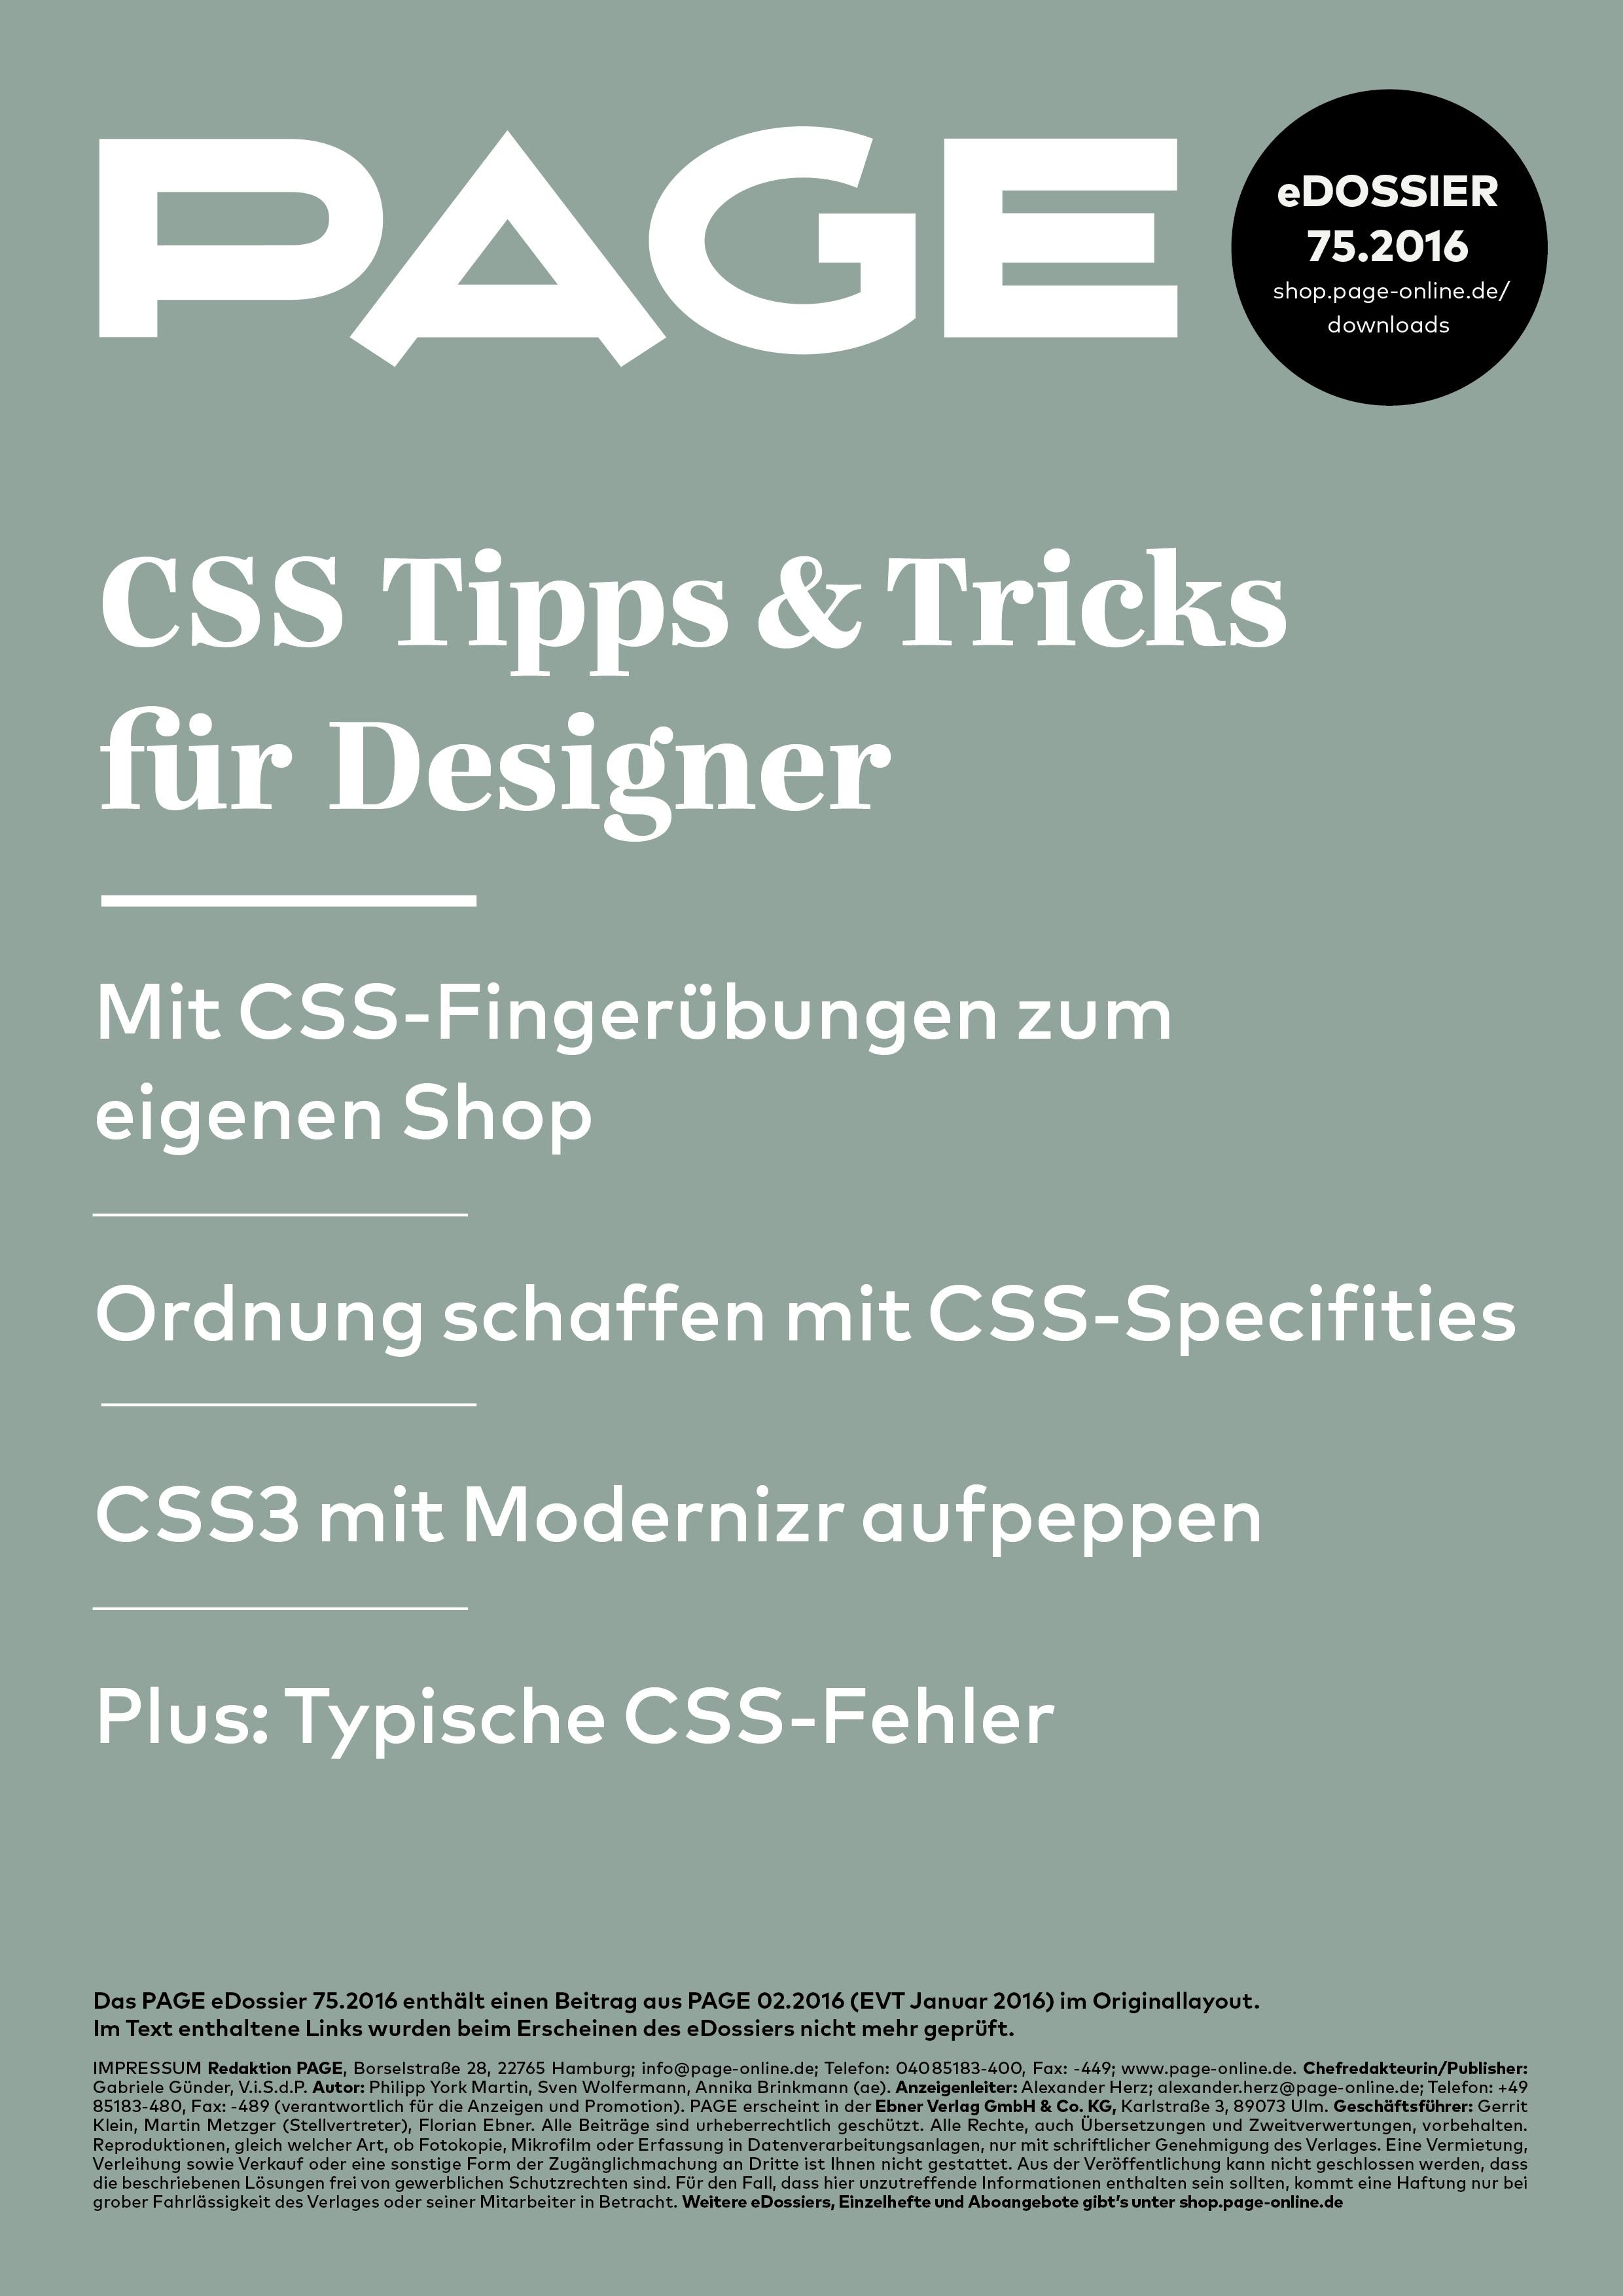 Ziemlich Css Vorlagen Für Stylesheets Ideen - Beispiel ...